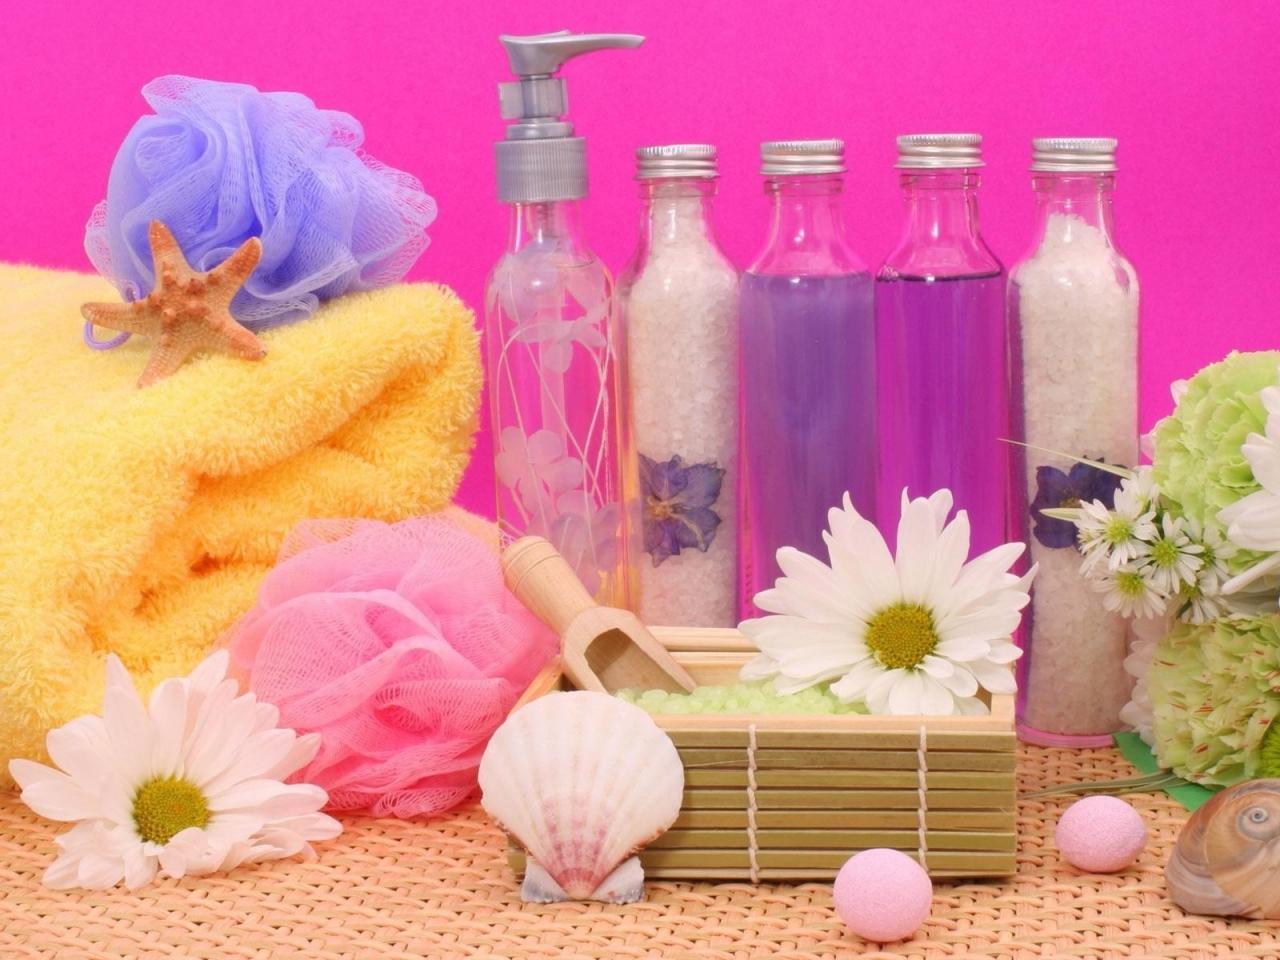 Flores y aromas - 1280x960